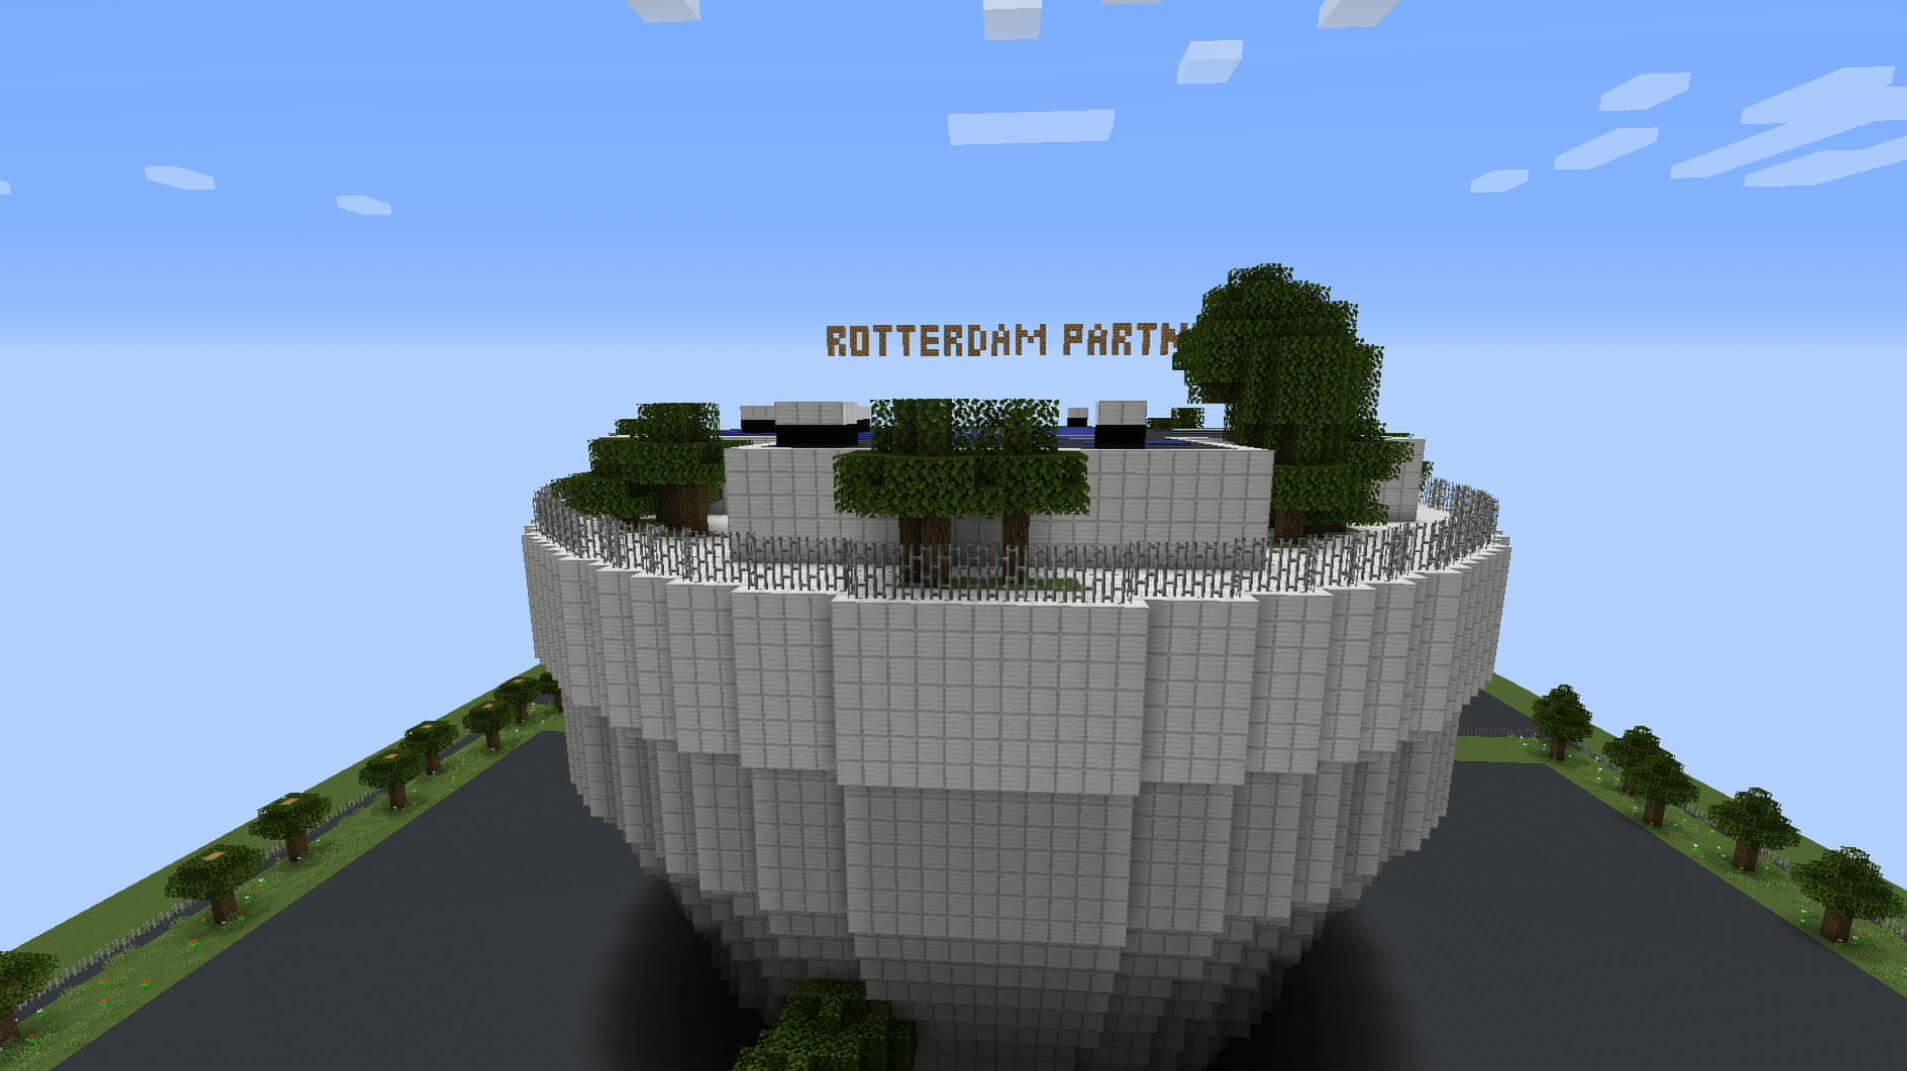 Students recreated the Depot building of Museum Boijmans Van Beuningen live in Minecraft.